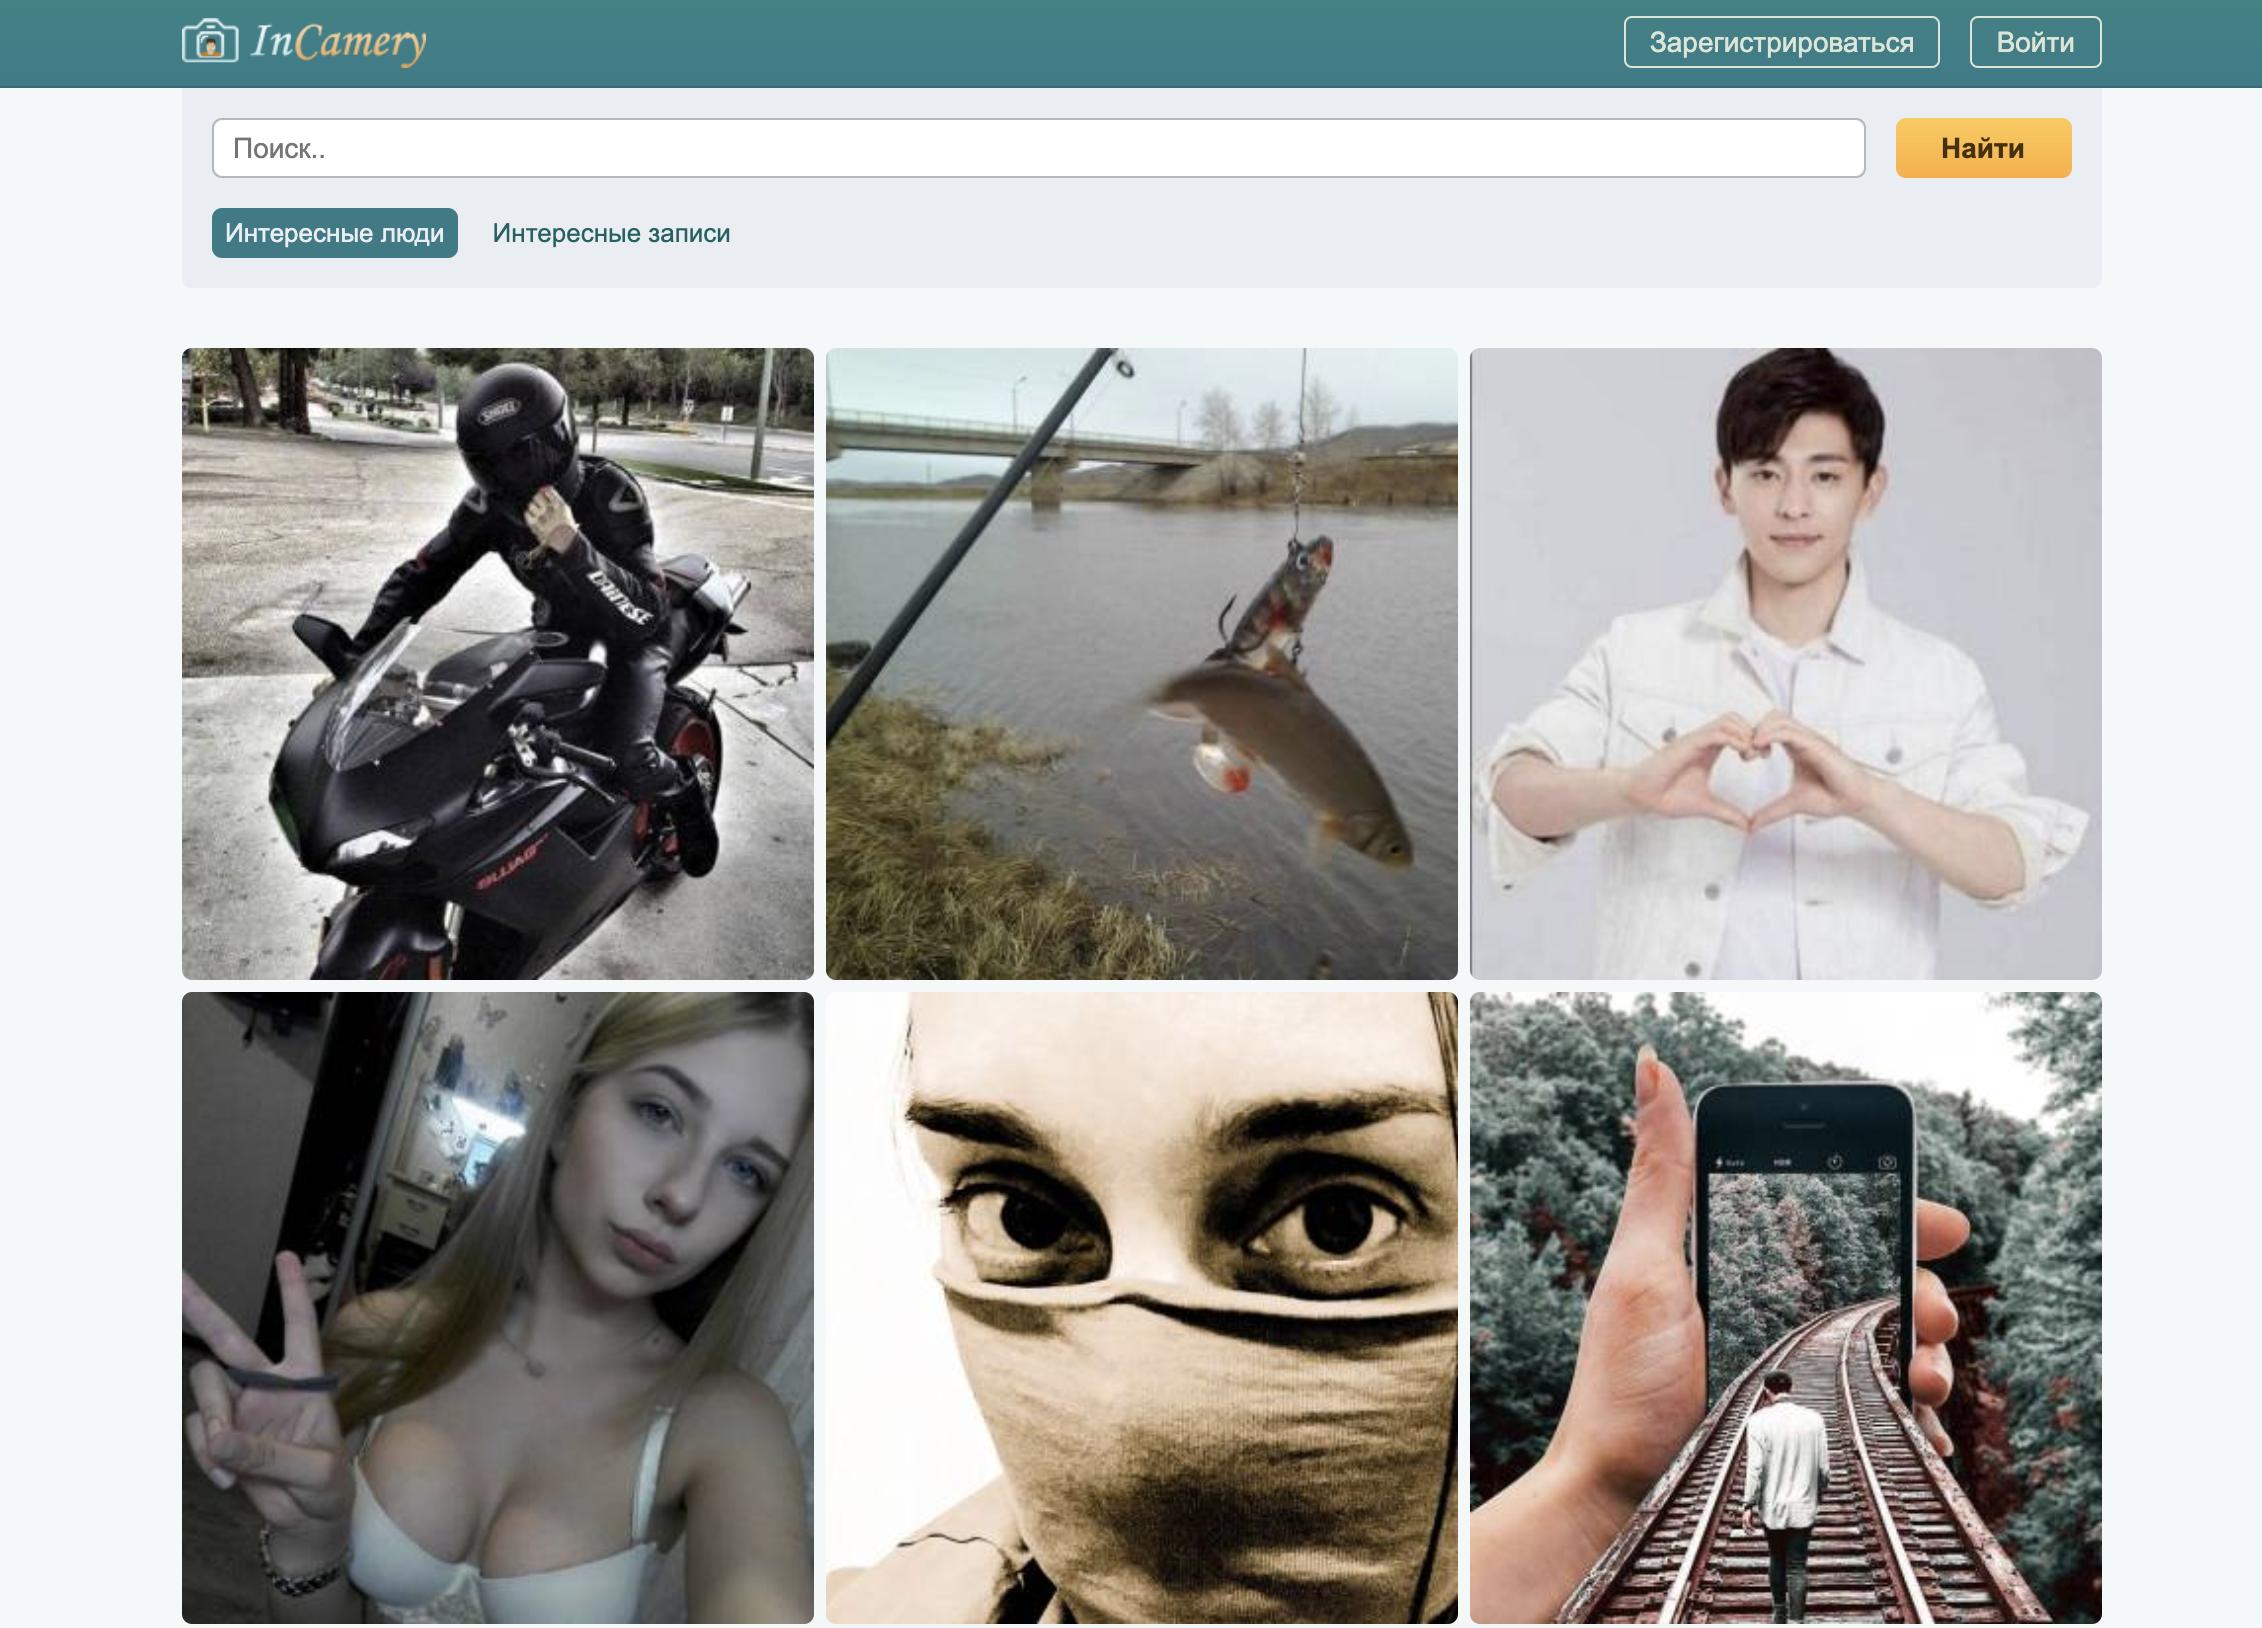 Верстка страниц фото социальной сети с доходом InCamery